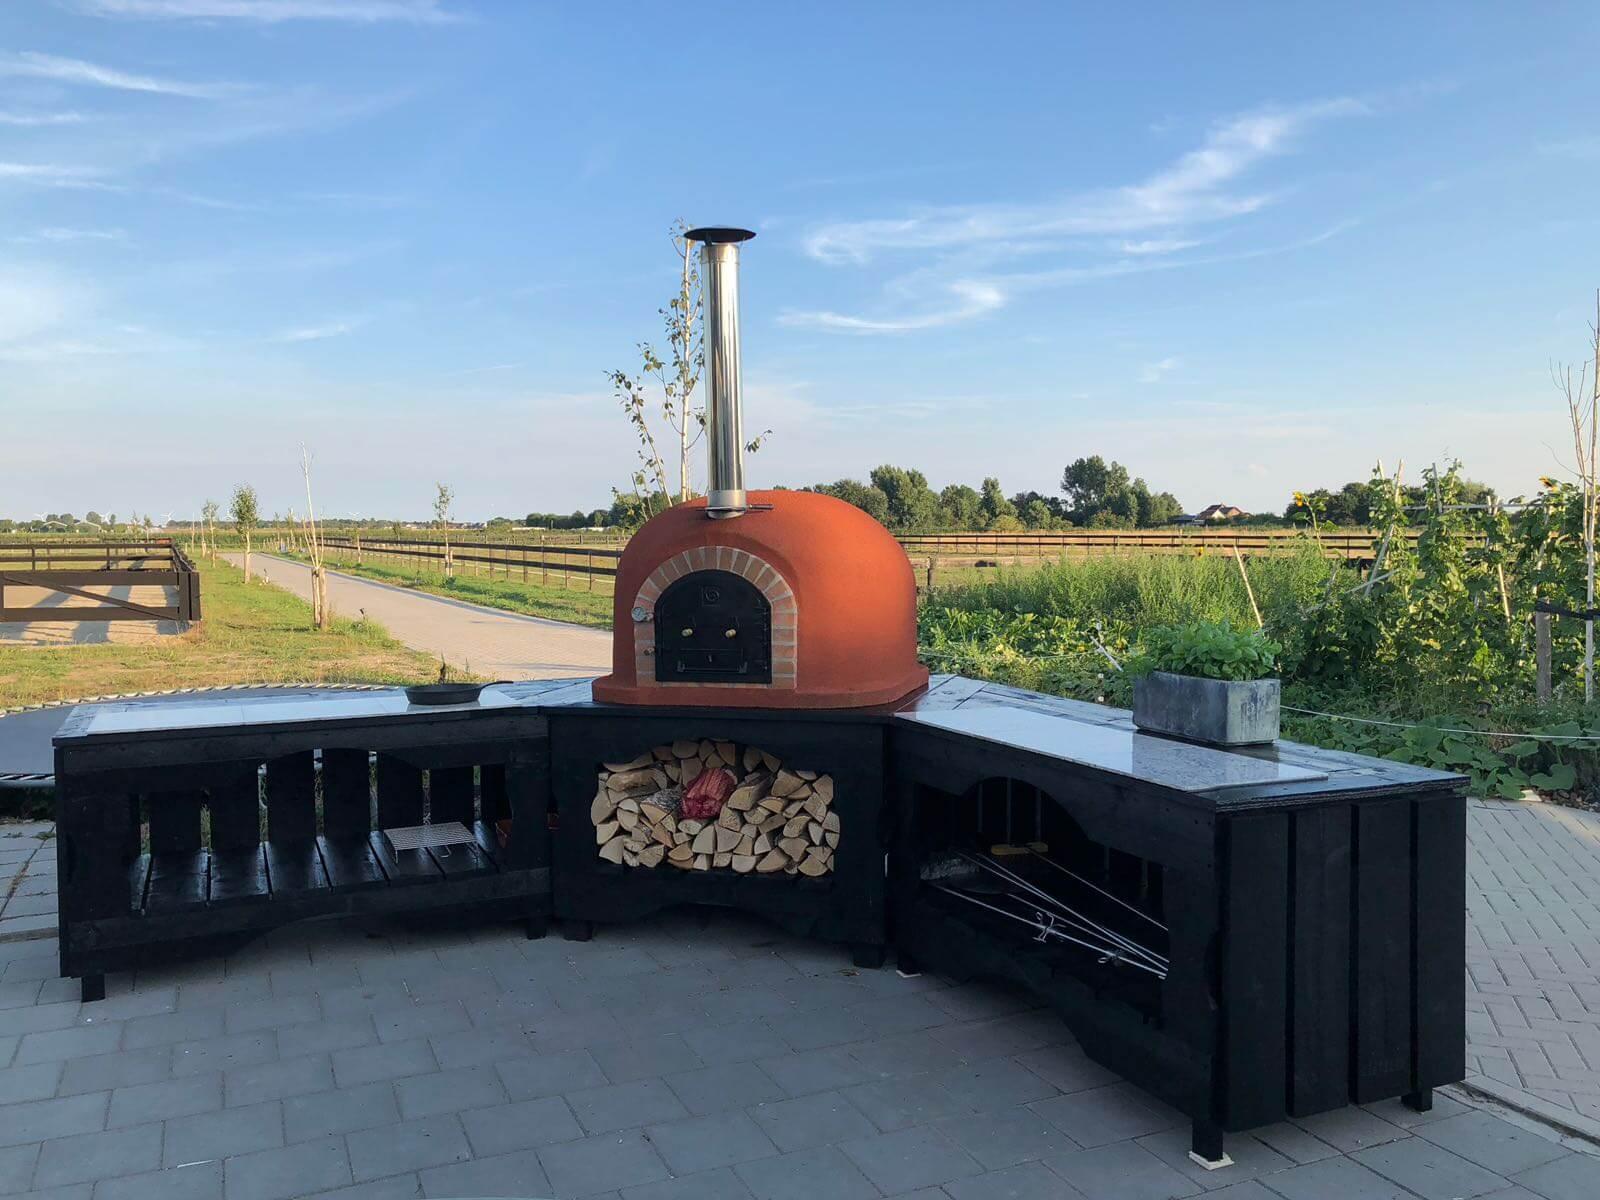 Pizzahoutoven.eu heeft een ruim assortiment grote pizza ovens en biedt grote pizza ovens op maat.